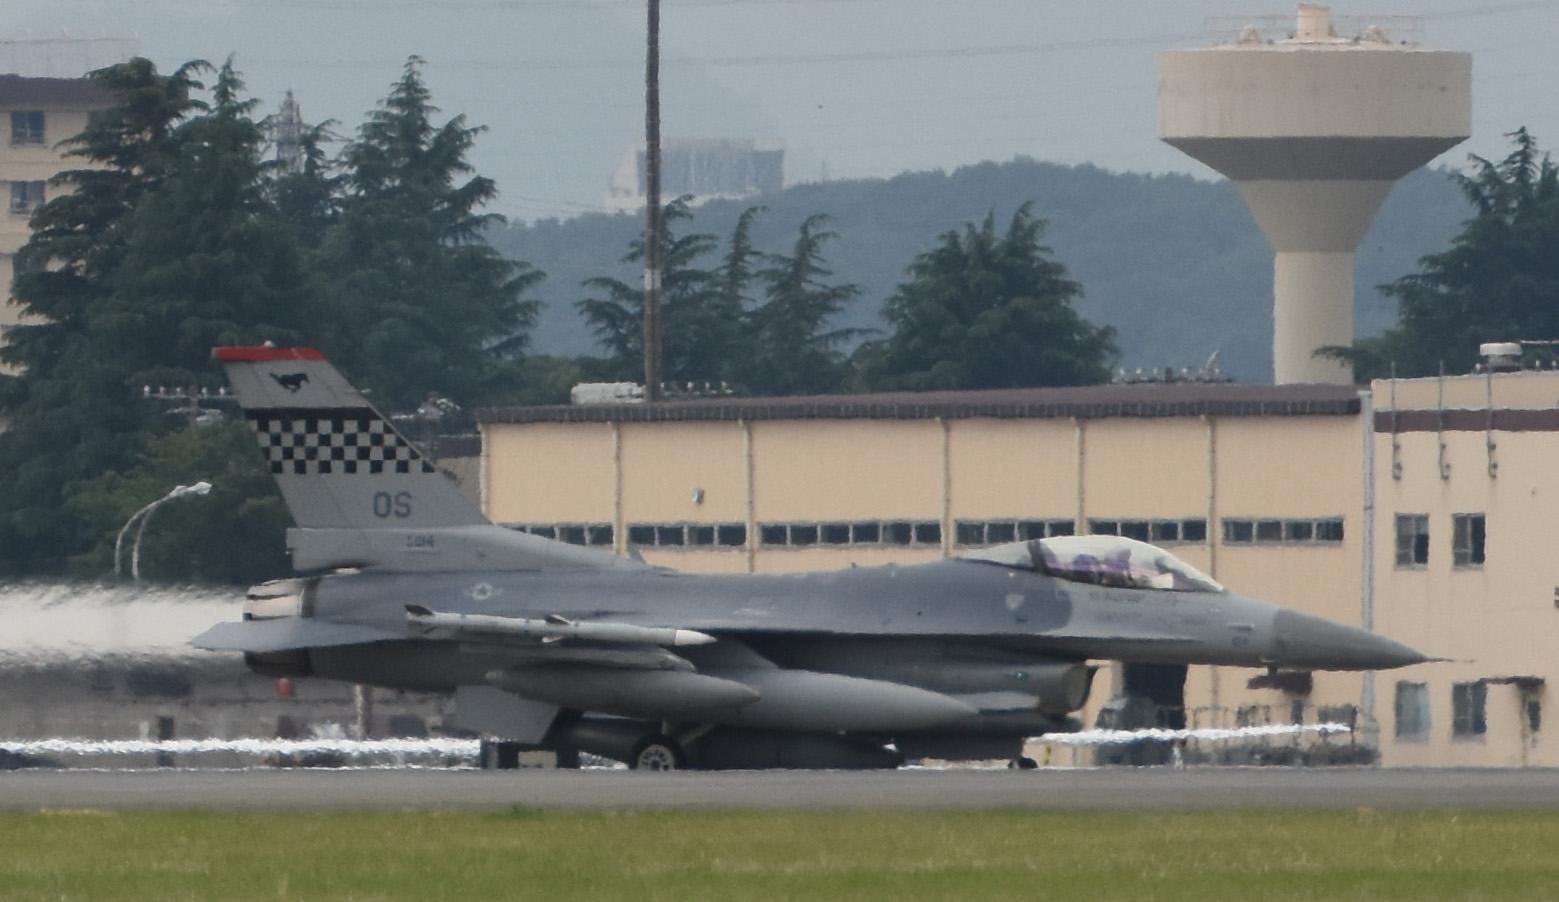 F16cm170606g828